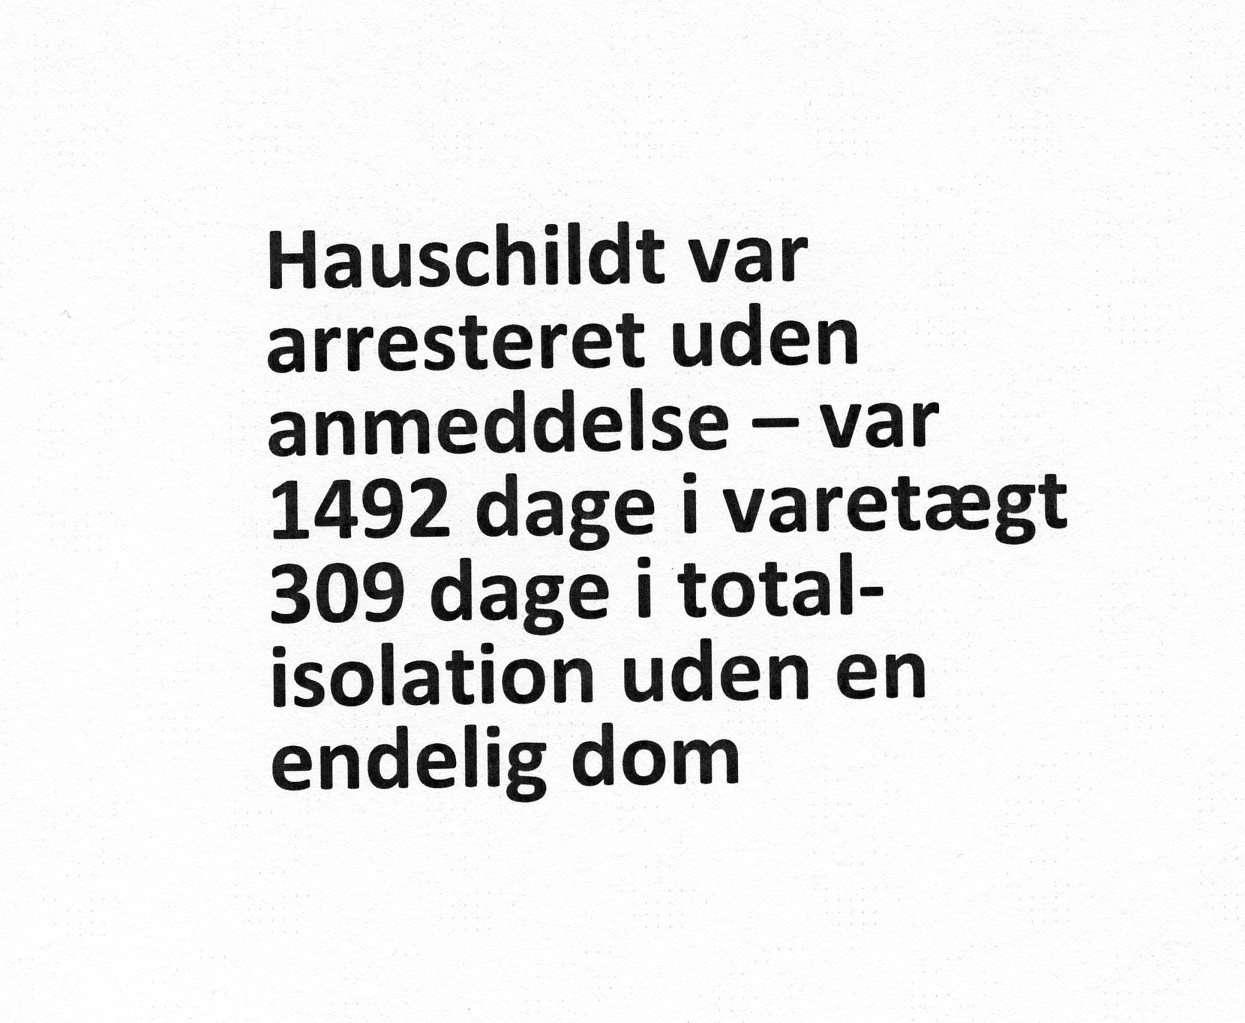 Quotes in Danish - no edit (13)